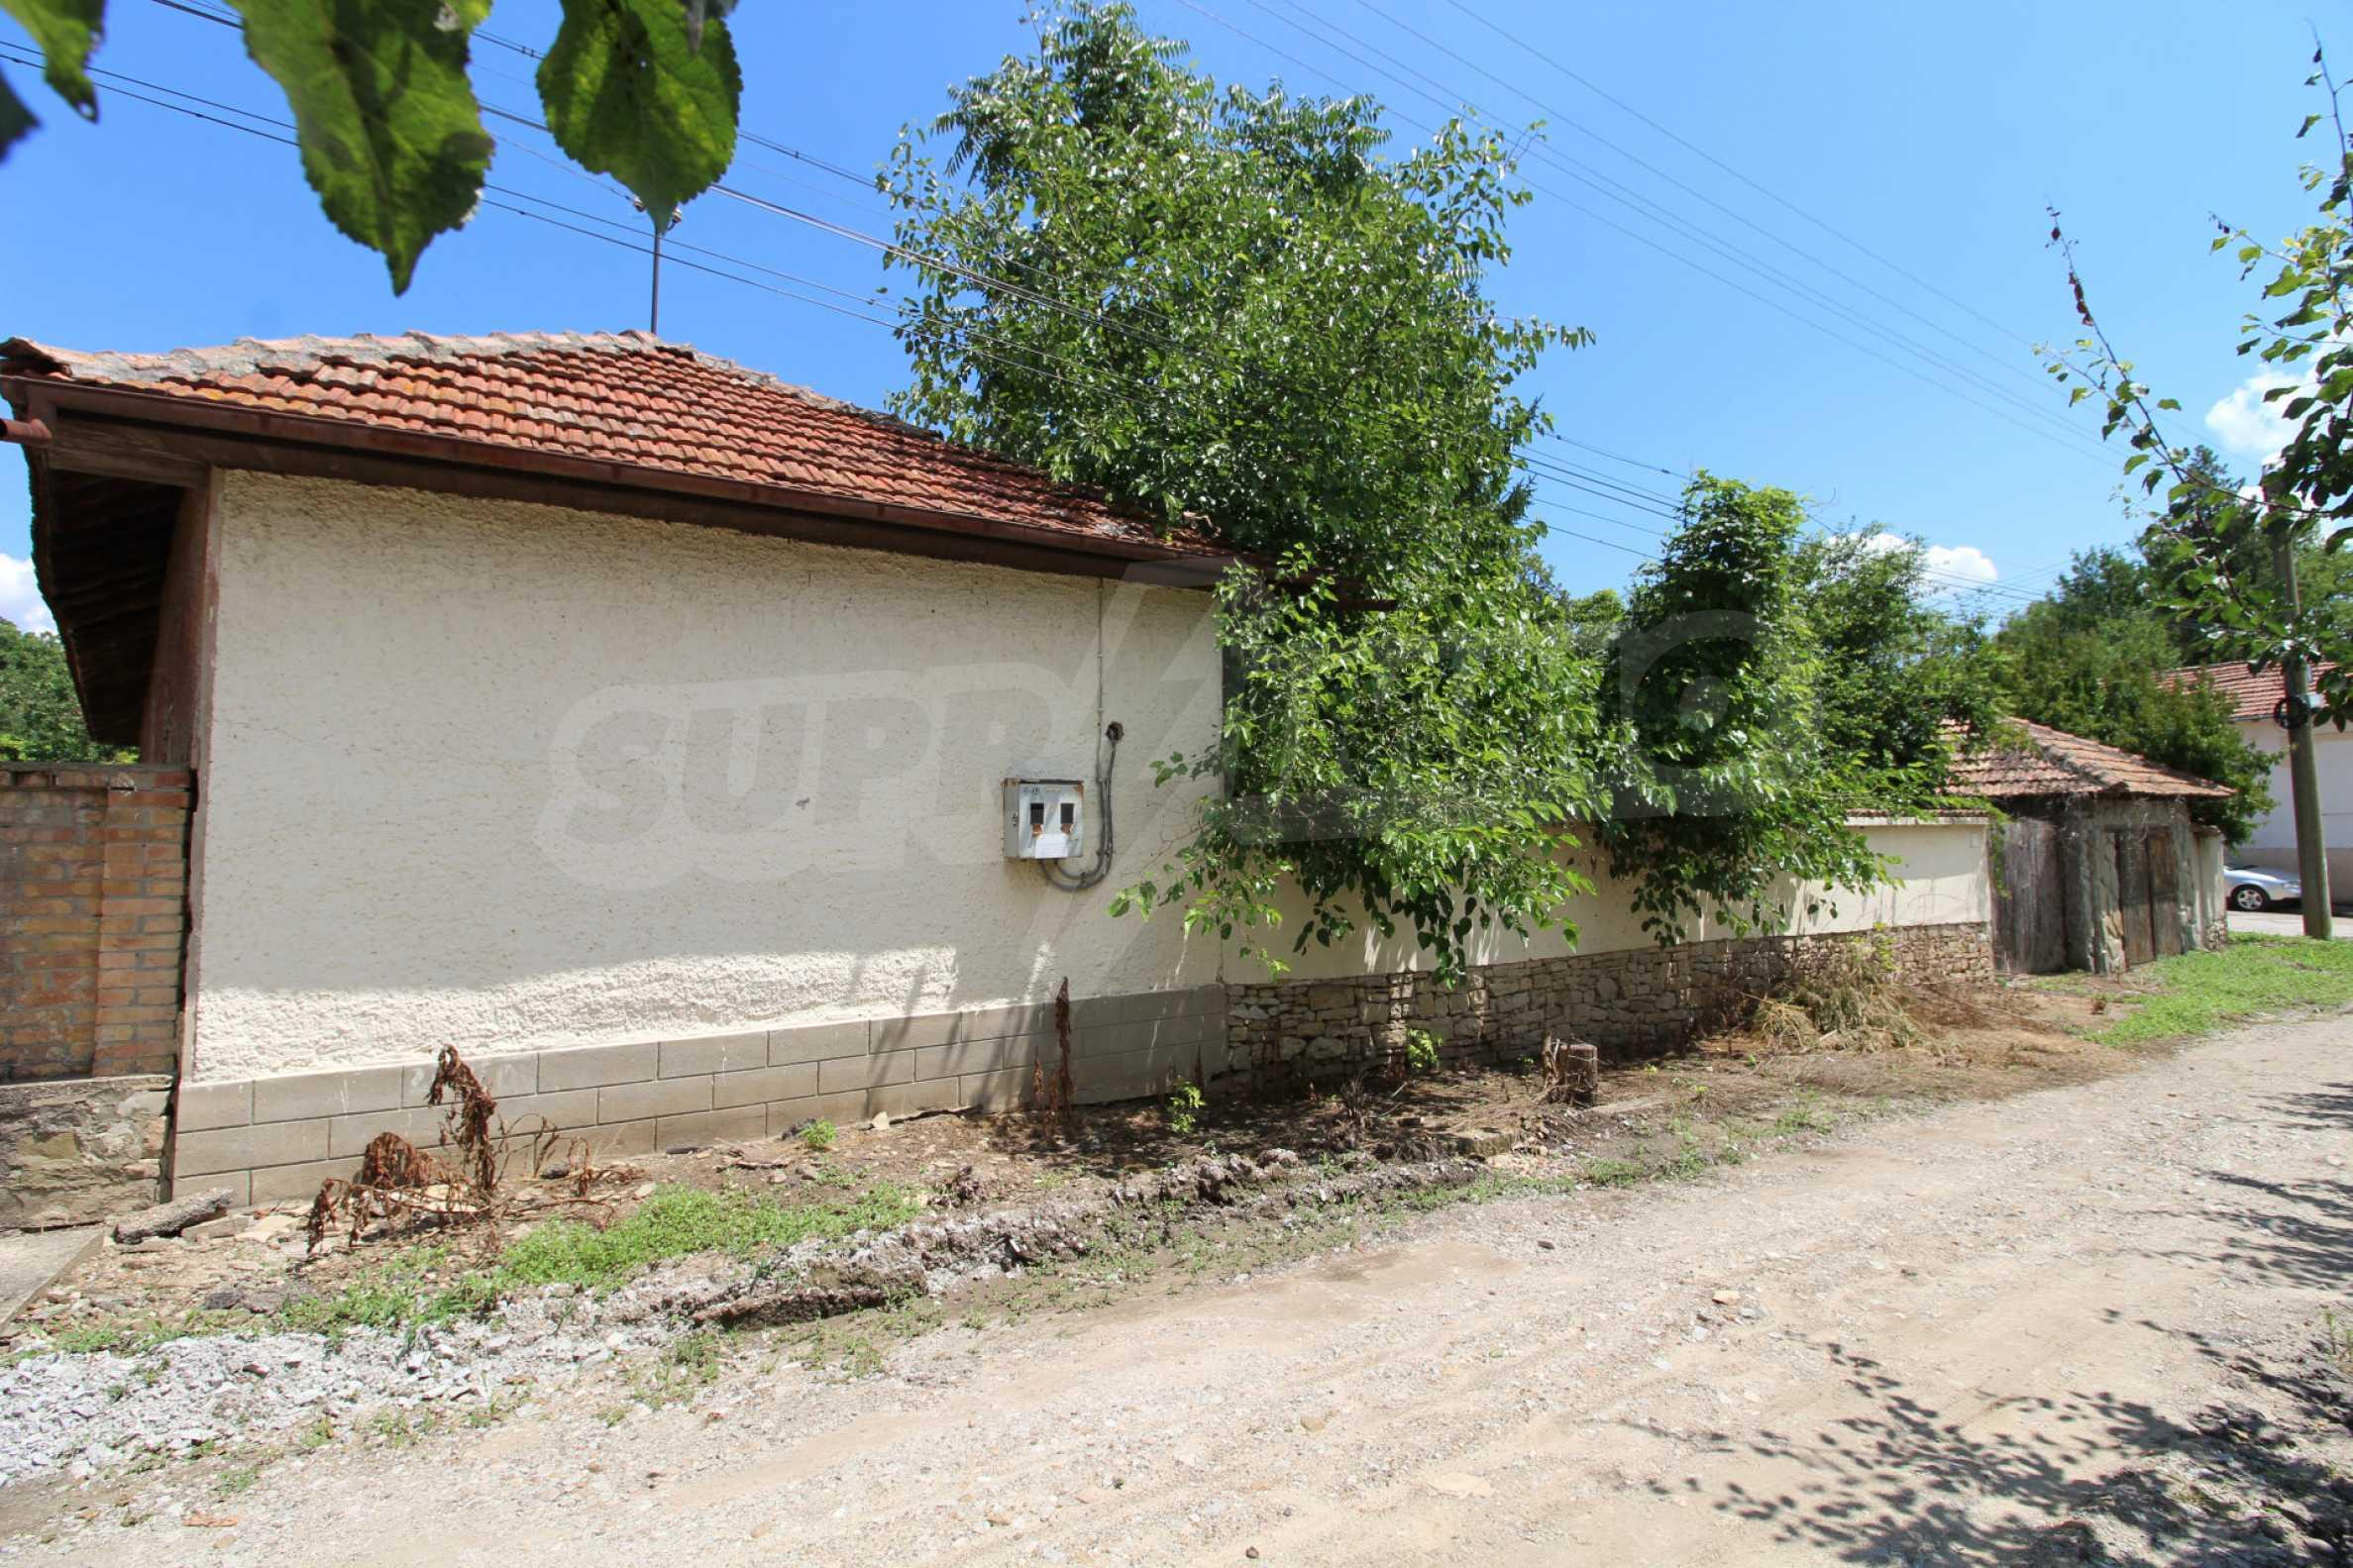 Едноетажна селска къща върху маза на 20 км от Велико Търново  42